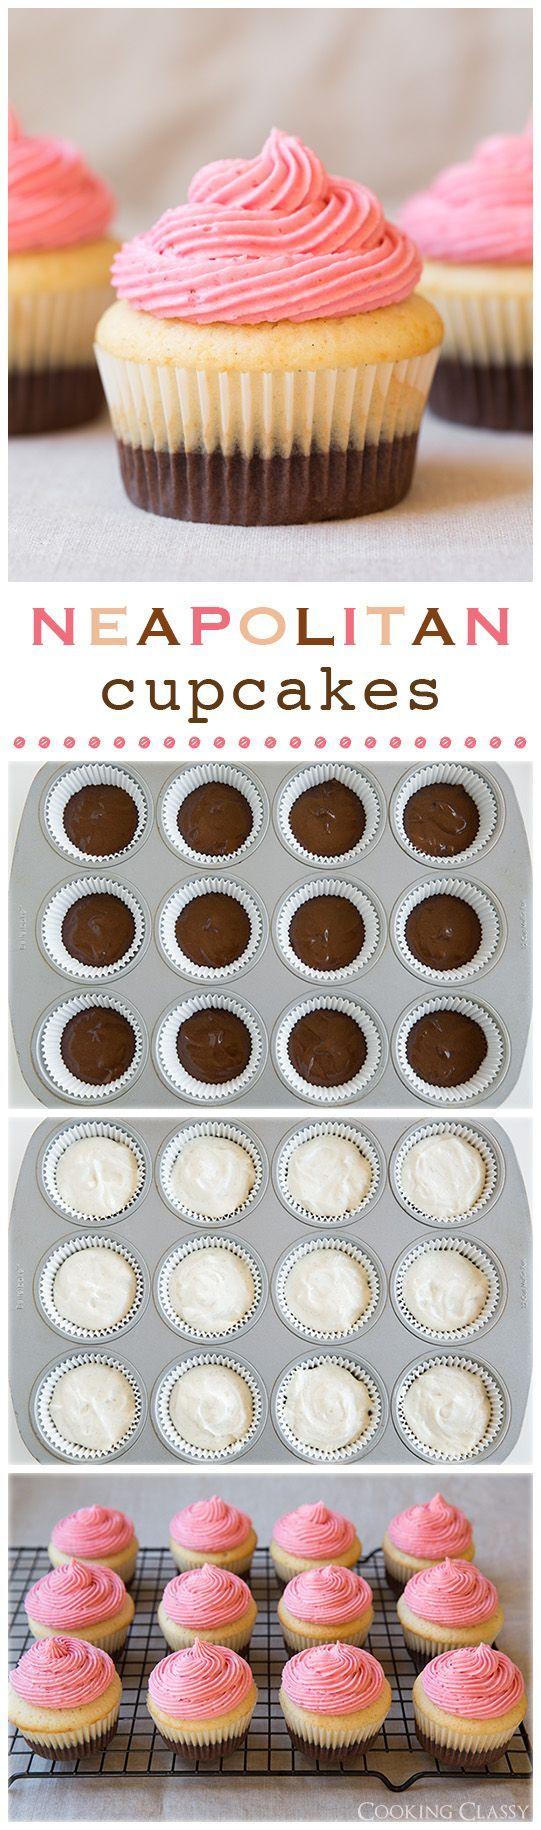 Napolitano Cupcakes - estos bizcochos son suaves como las nubes y los sabores son increíbles!  El chocolate con leche, vainilla y fresa fresca.